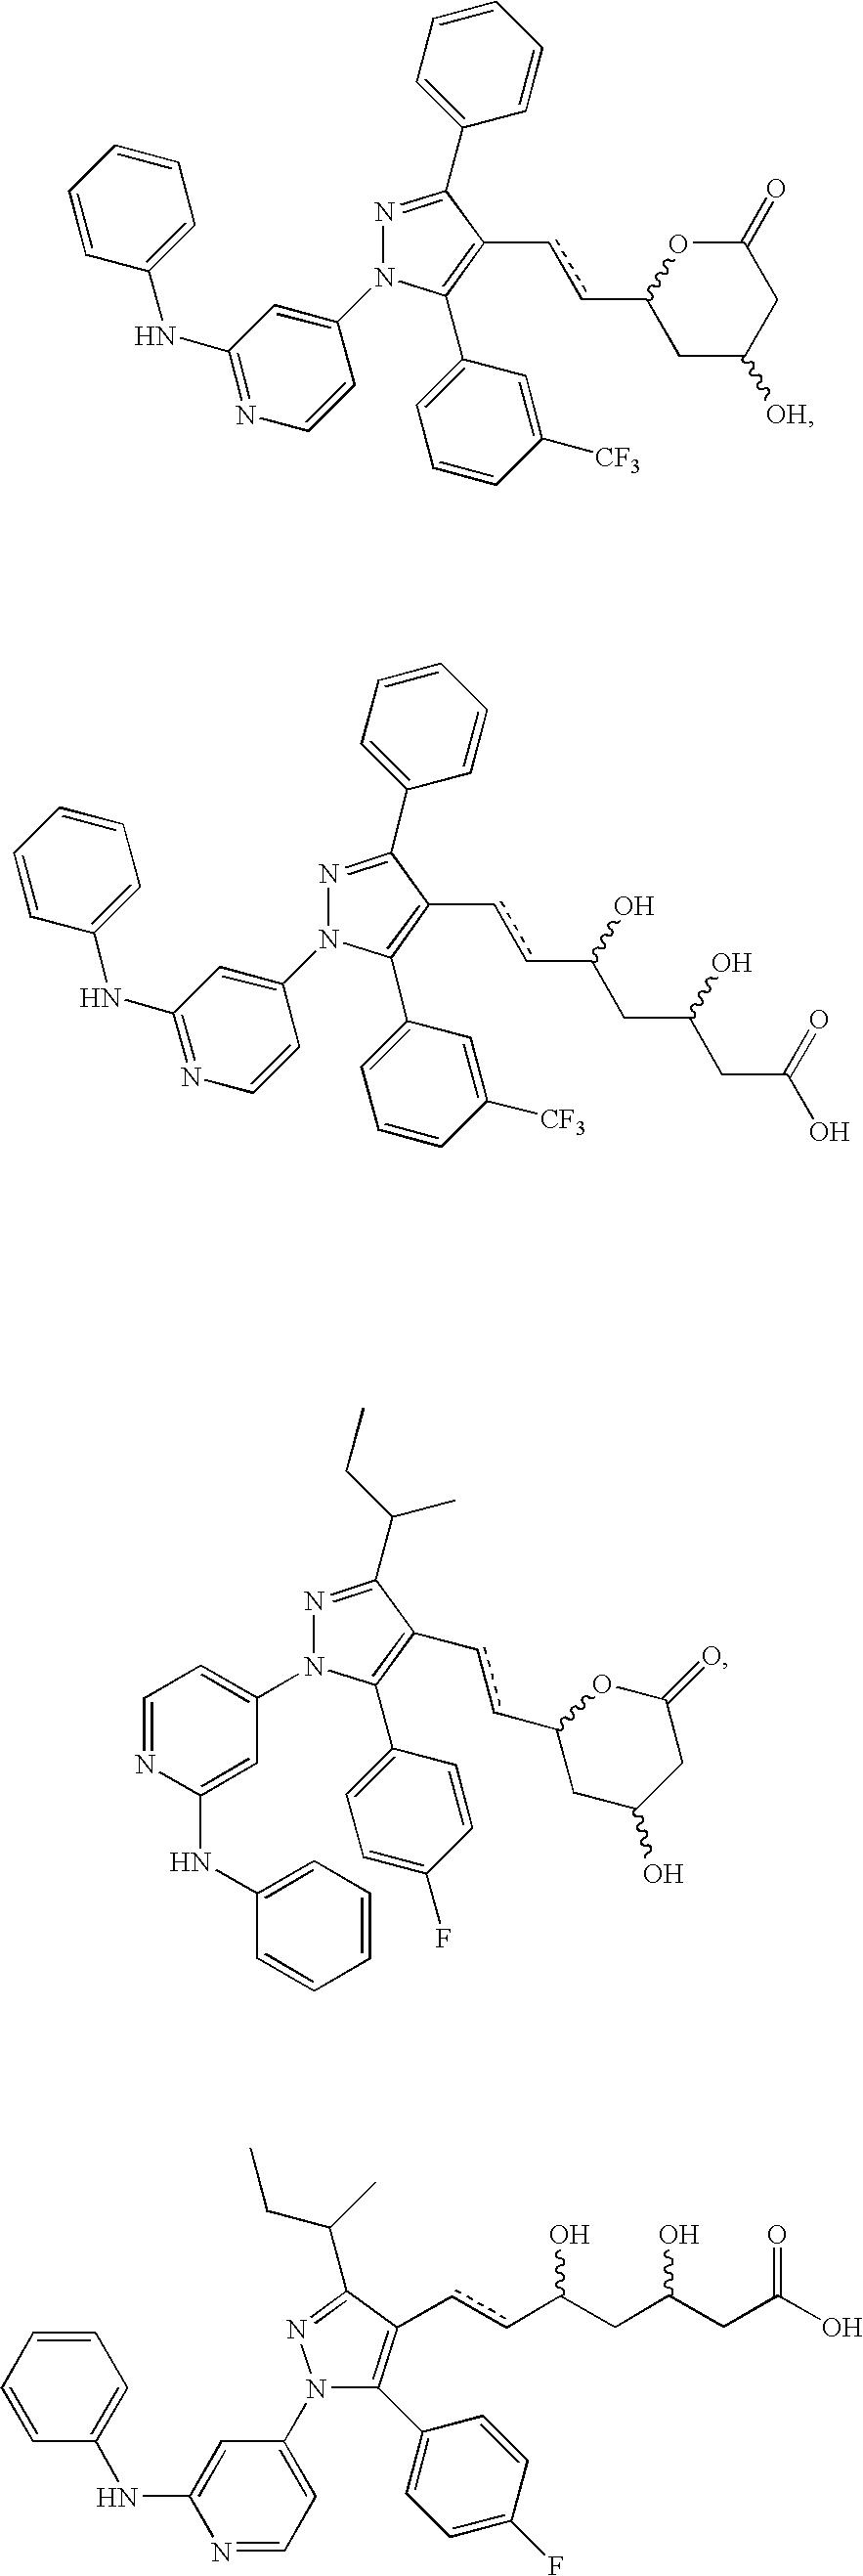 Figure US20050261354A1-20051124-C00086